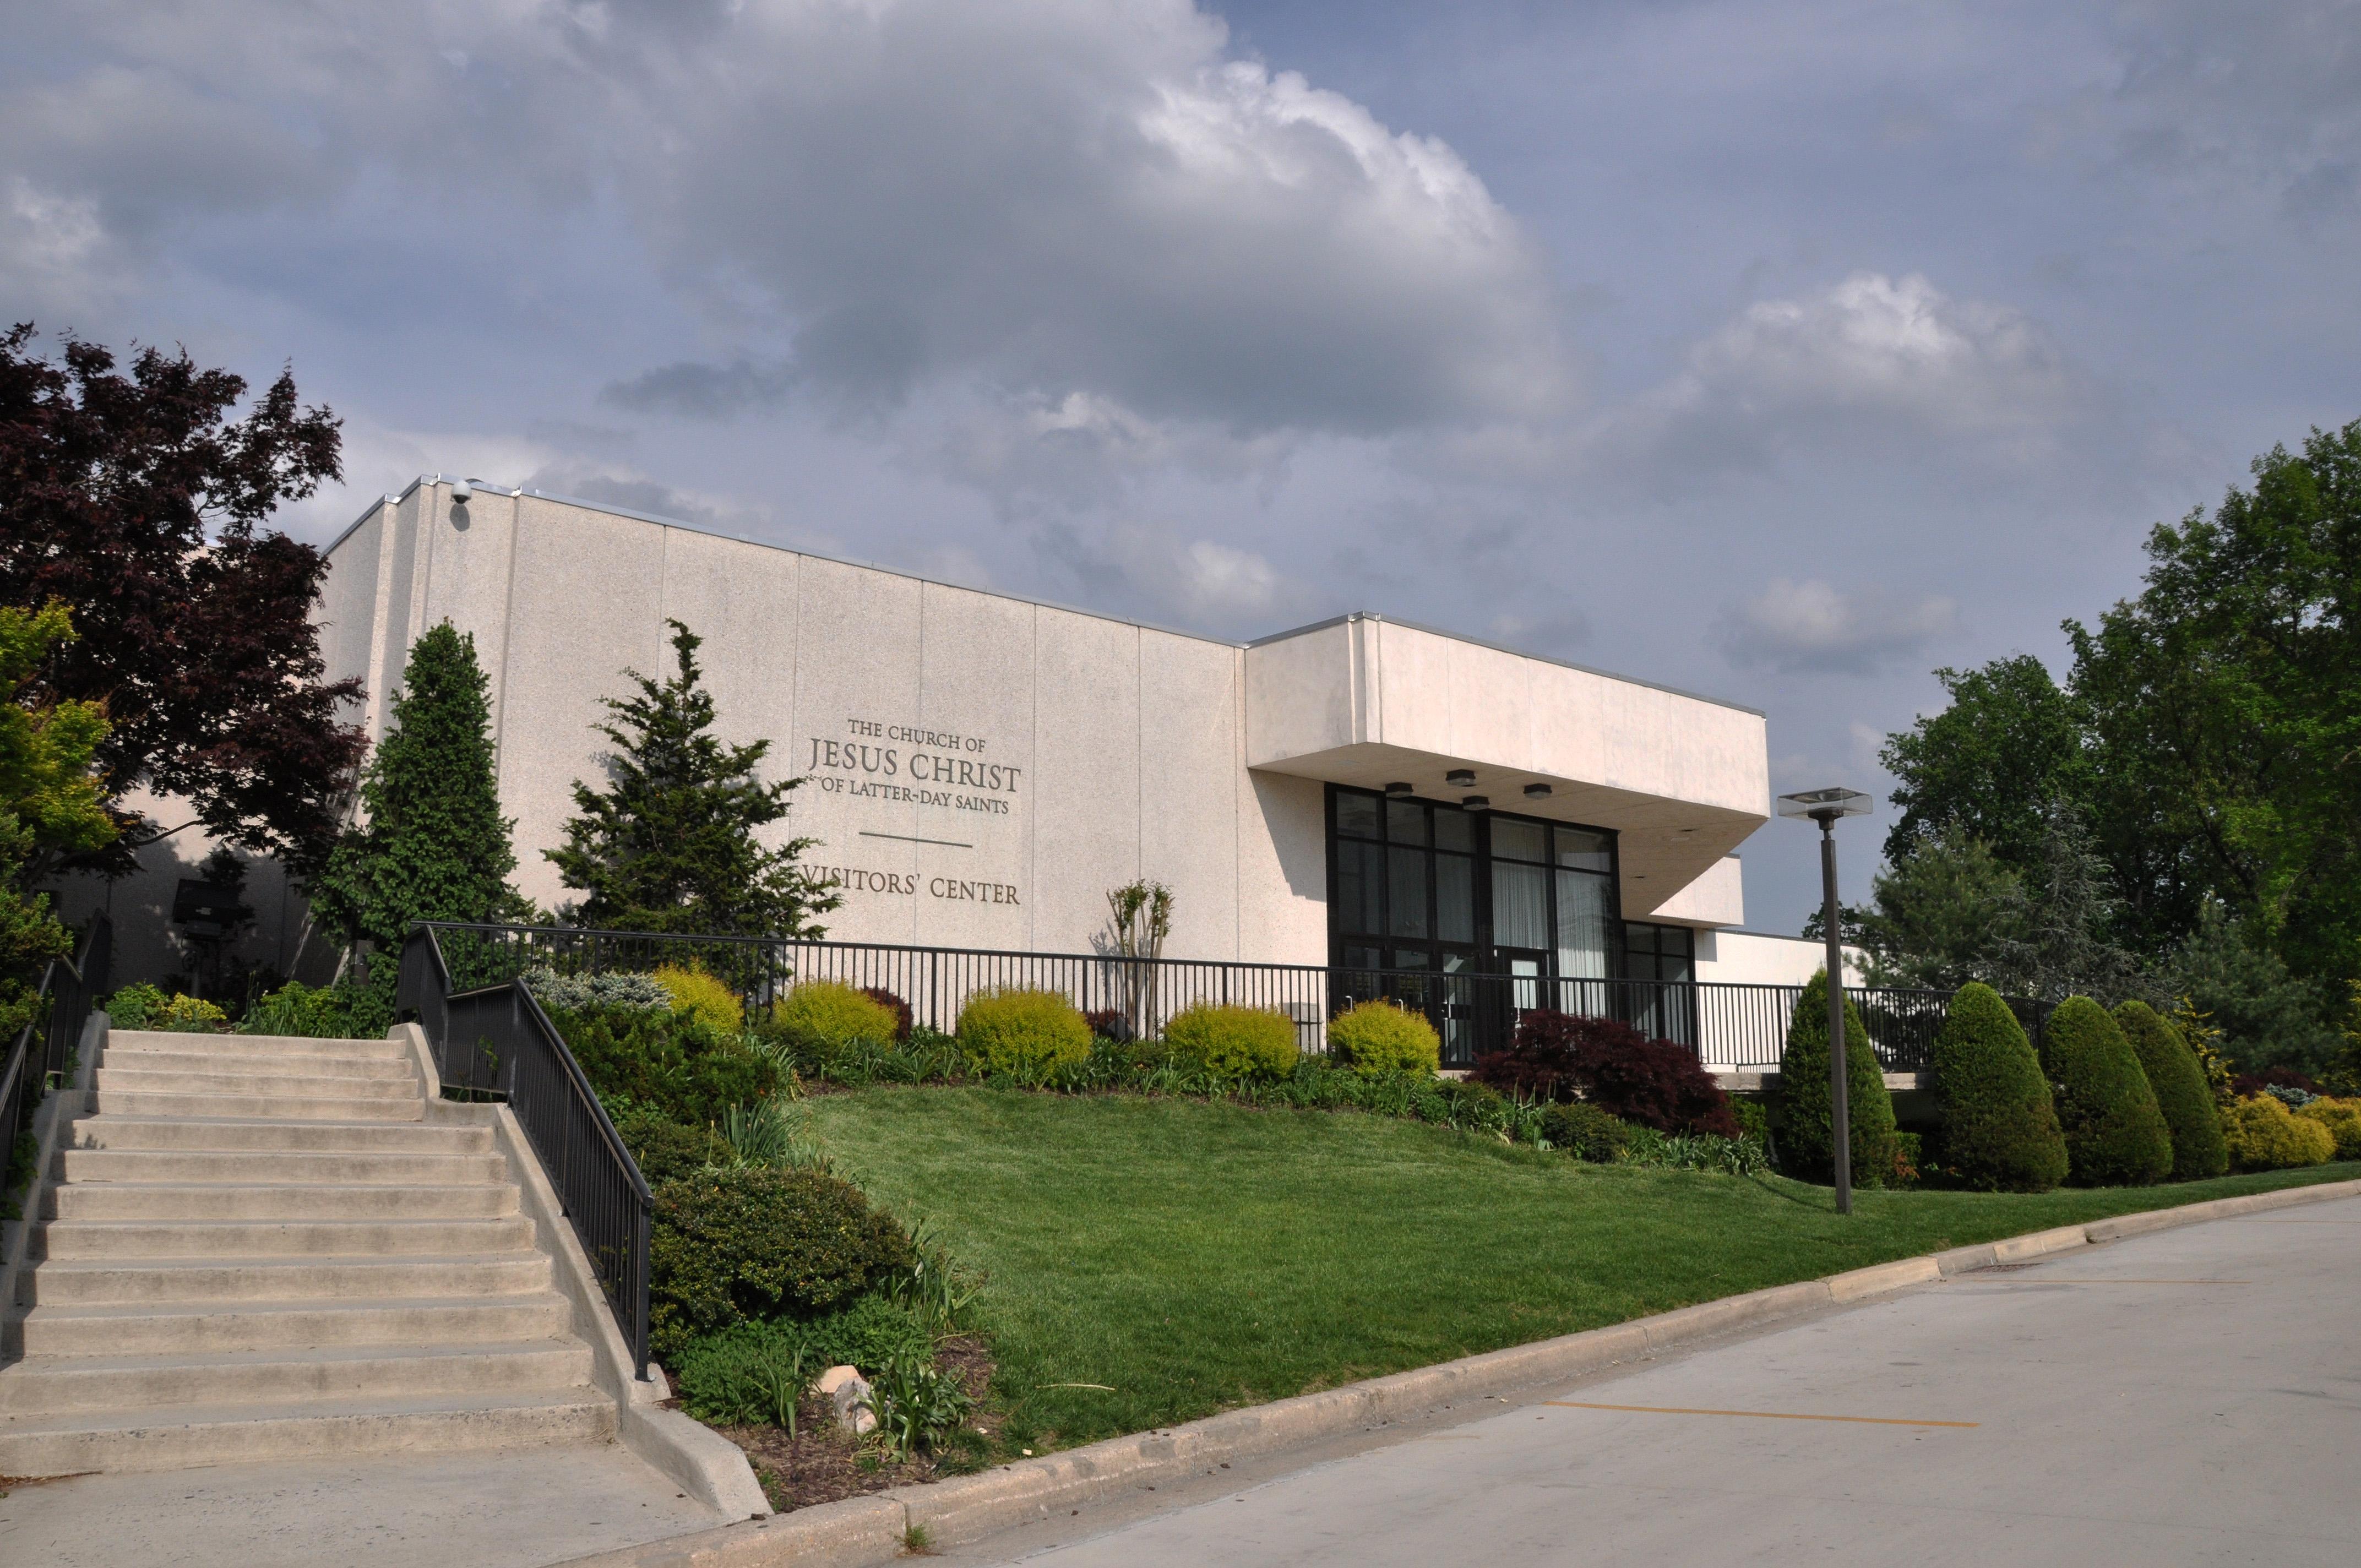 Washington D.C. Temple Visitors' Center.